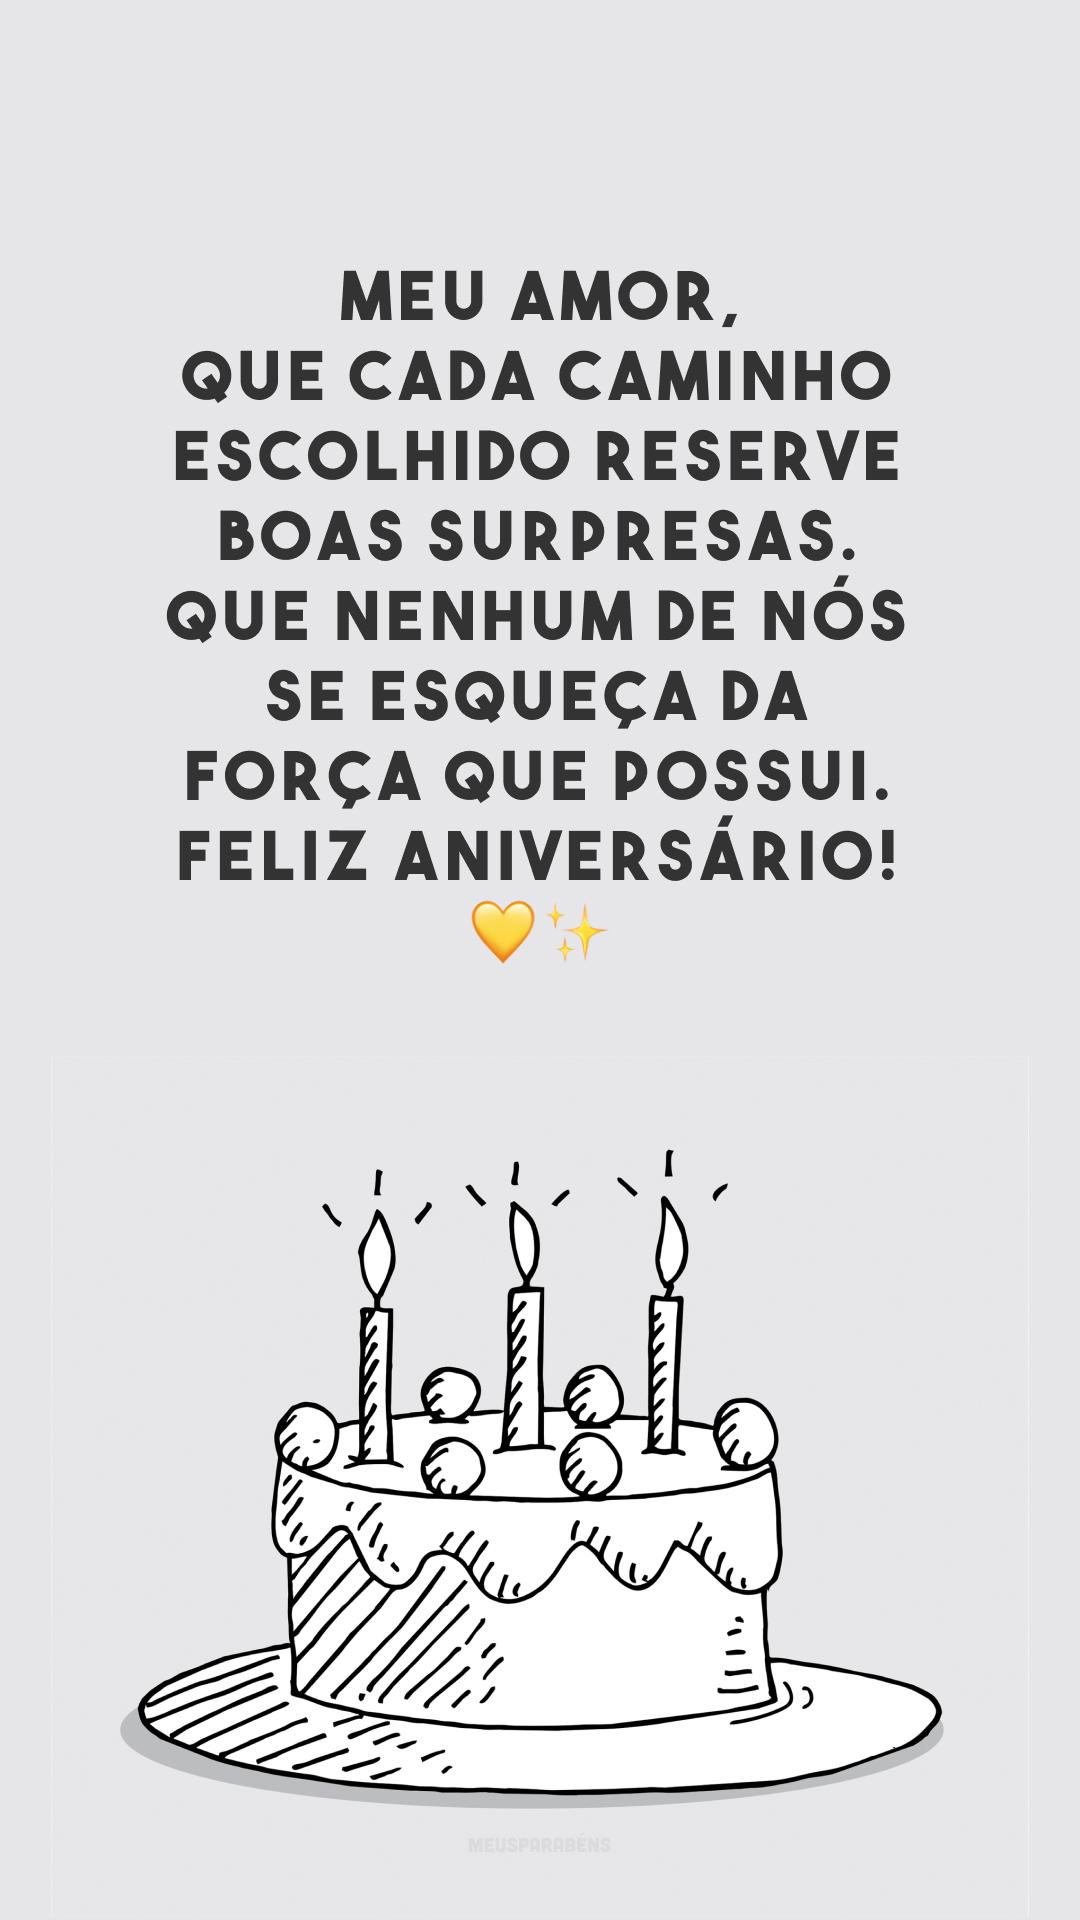 Meu amor, que cada caminho escolhido reserve boas surpresas. Que nenhum de nós se esqueça da força que possui. Feliz aniversário! 💛✨